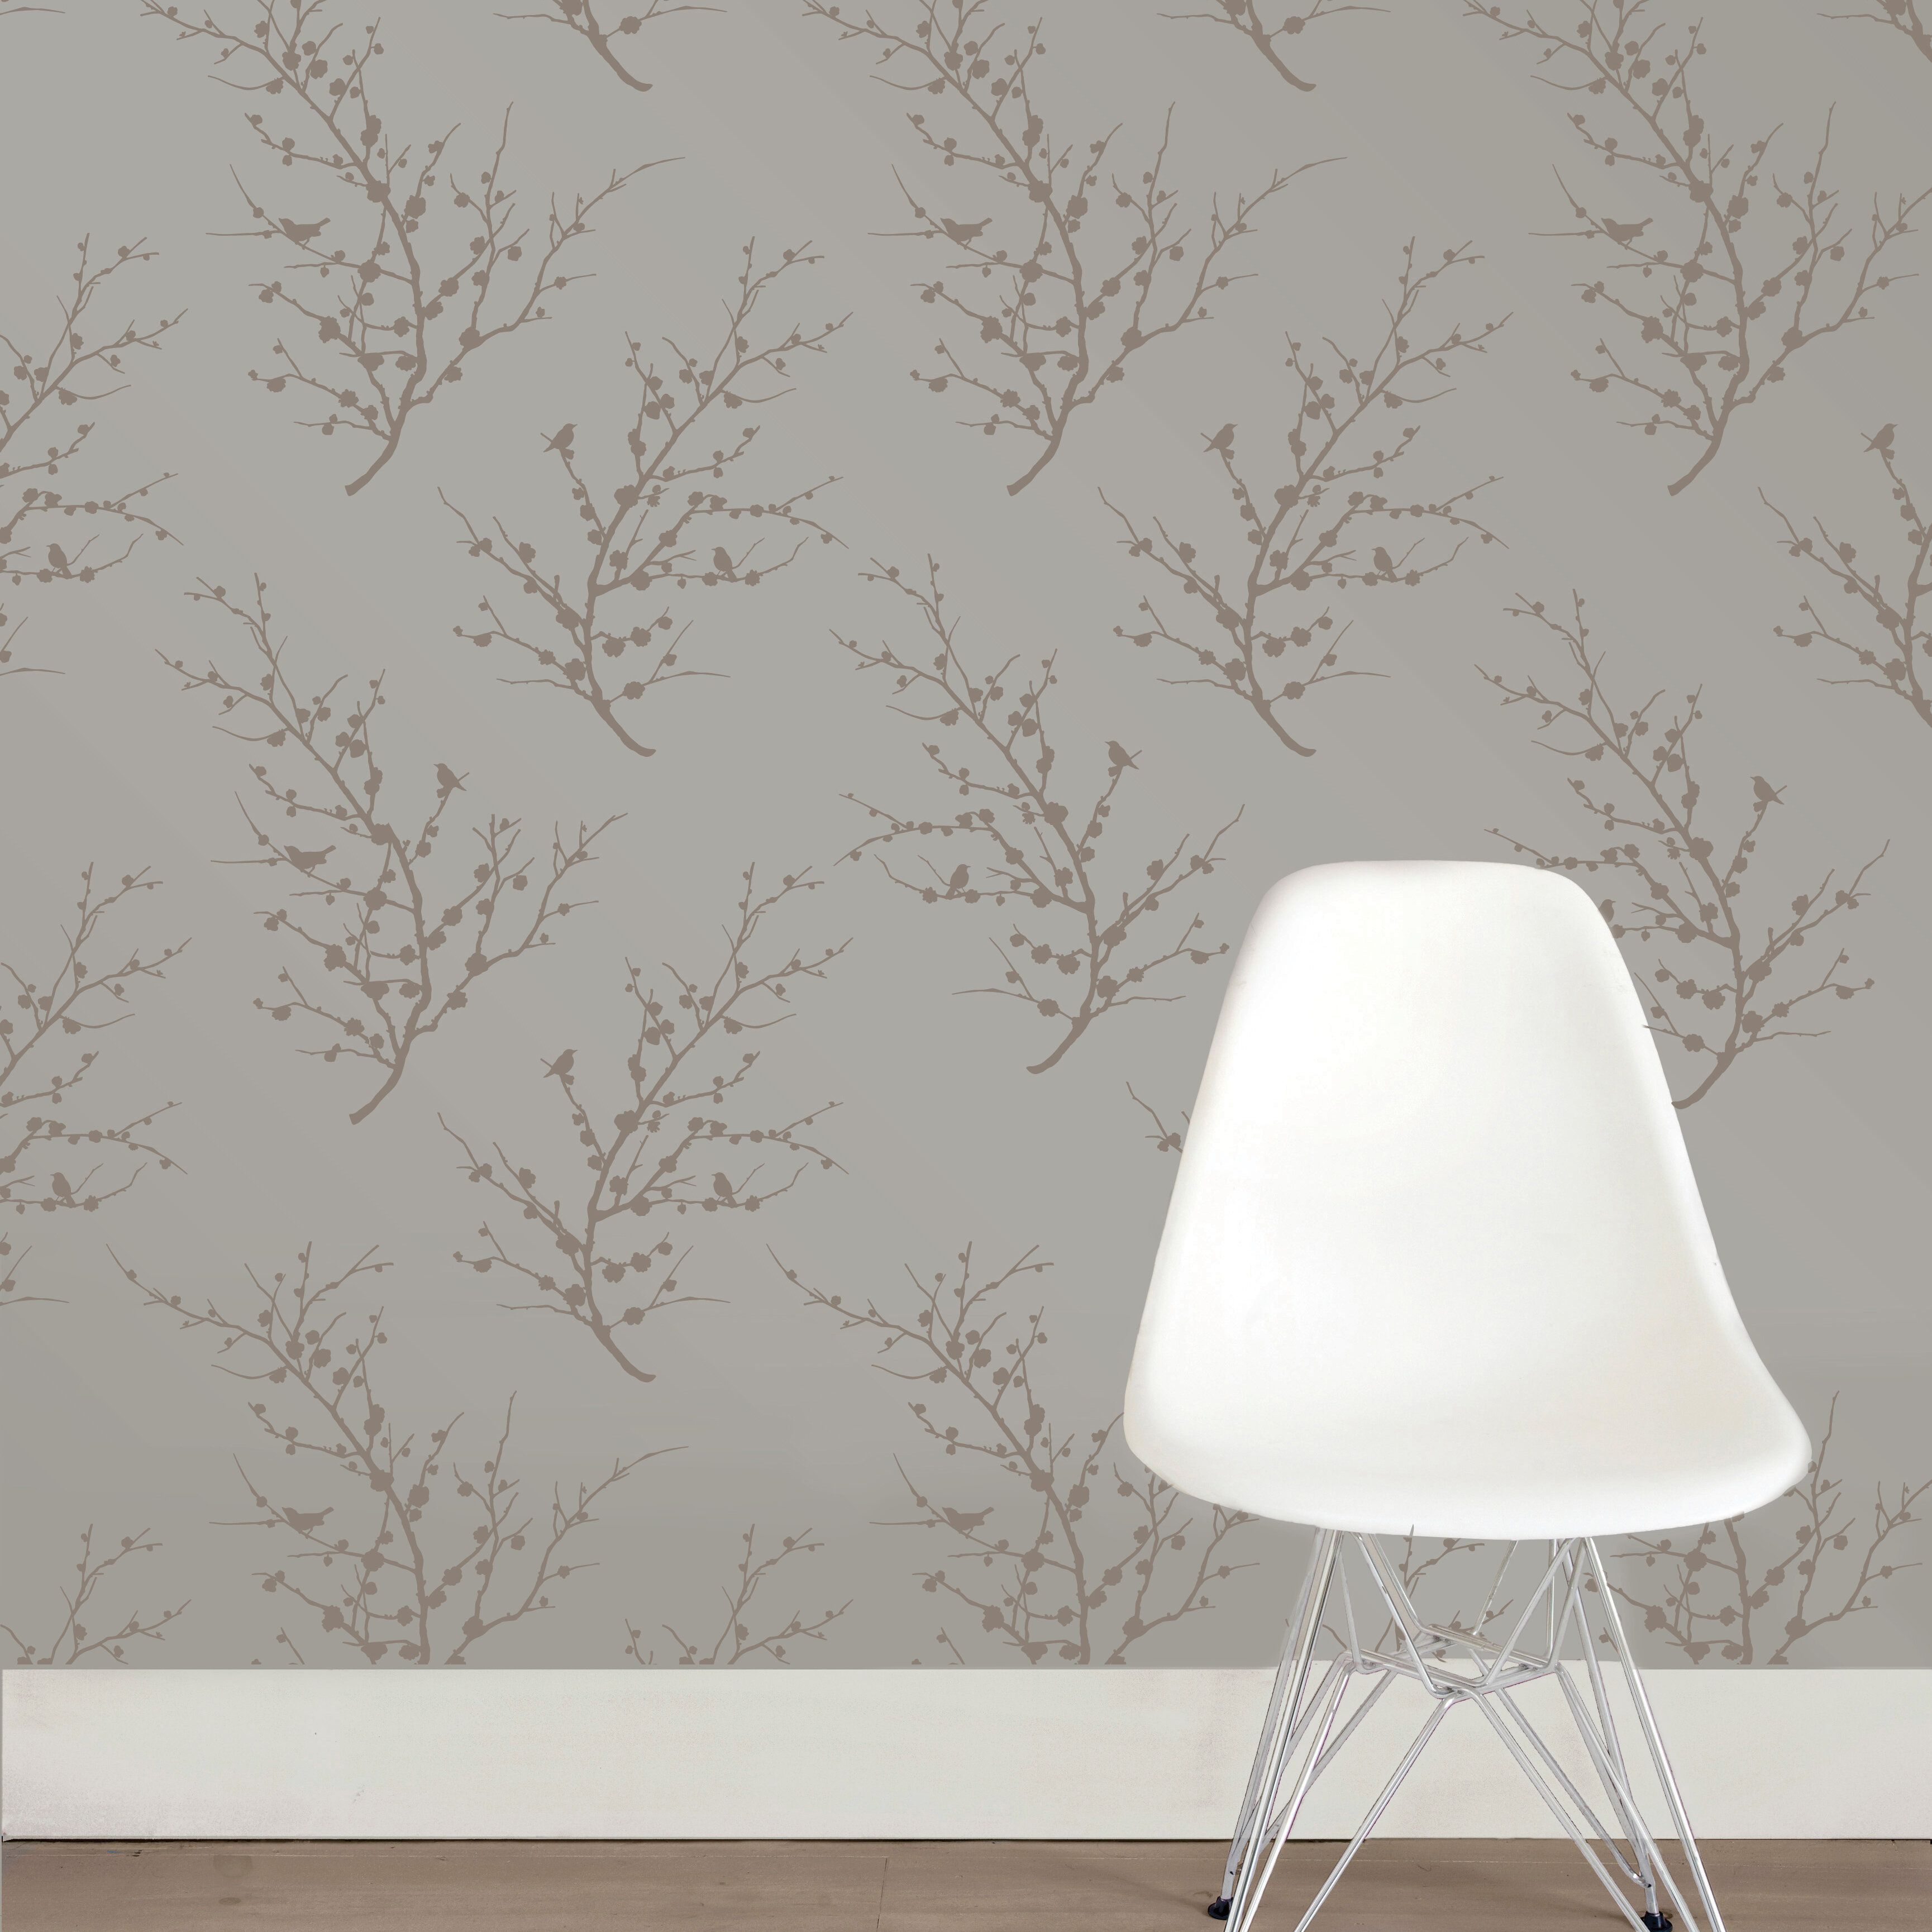 Tempaper TempaperR Edie 359 L X 20 W Foiled Self Adhesive Wallpaper Roll